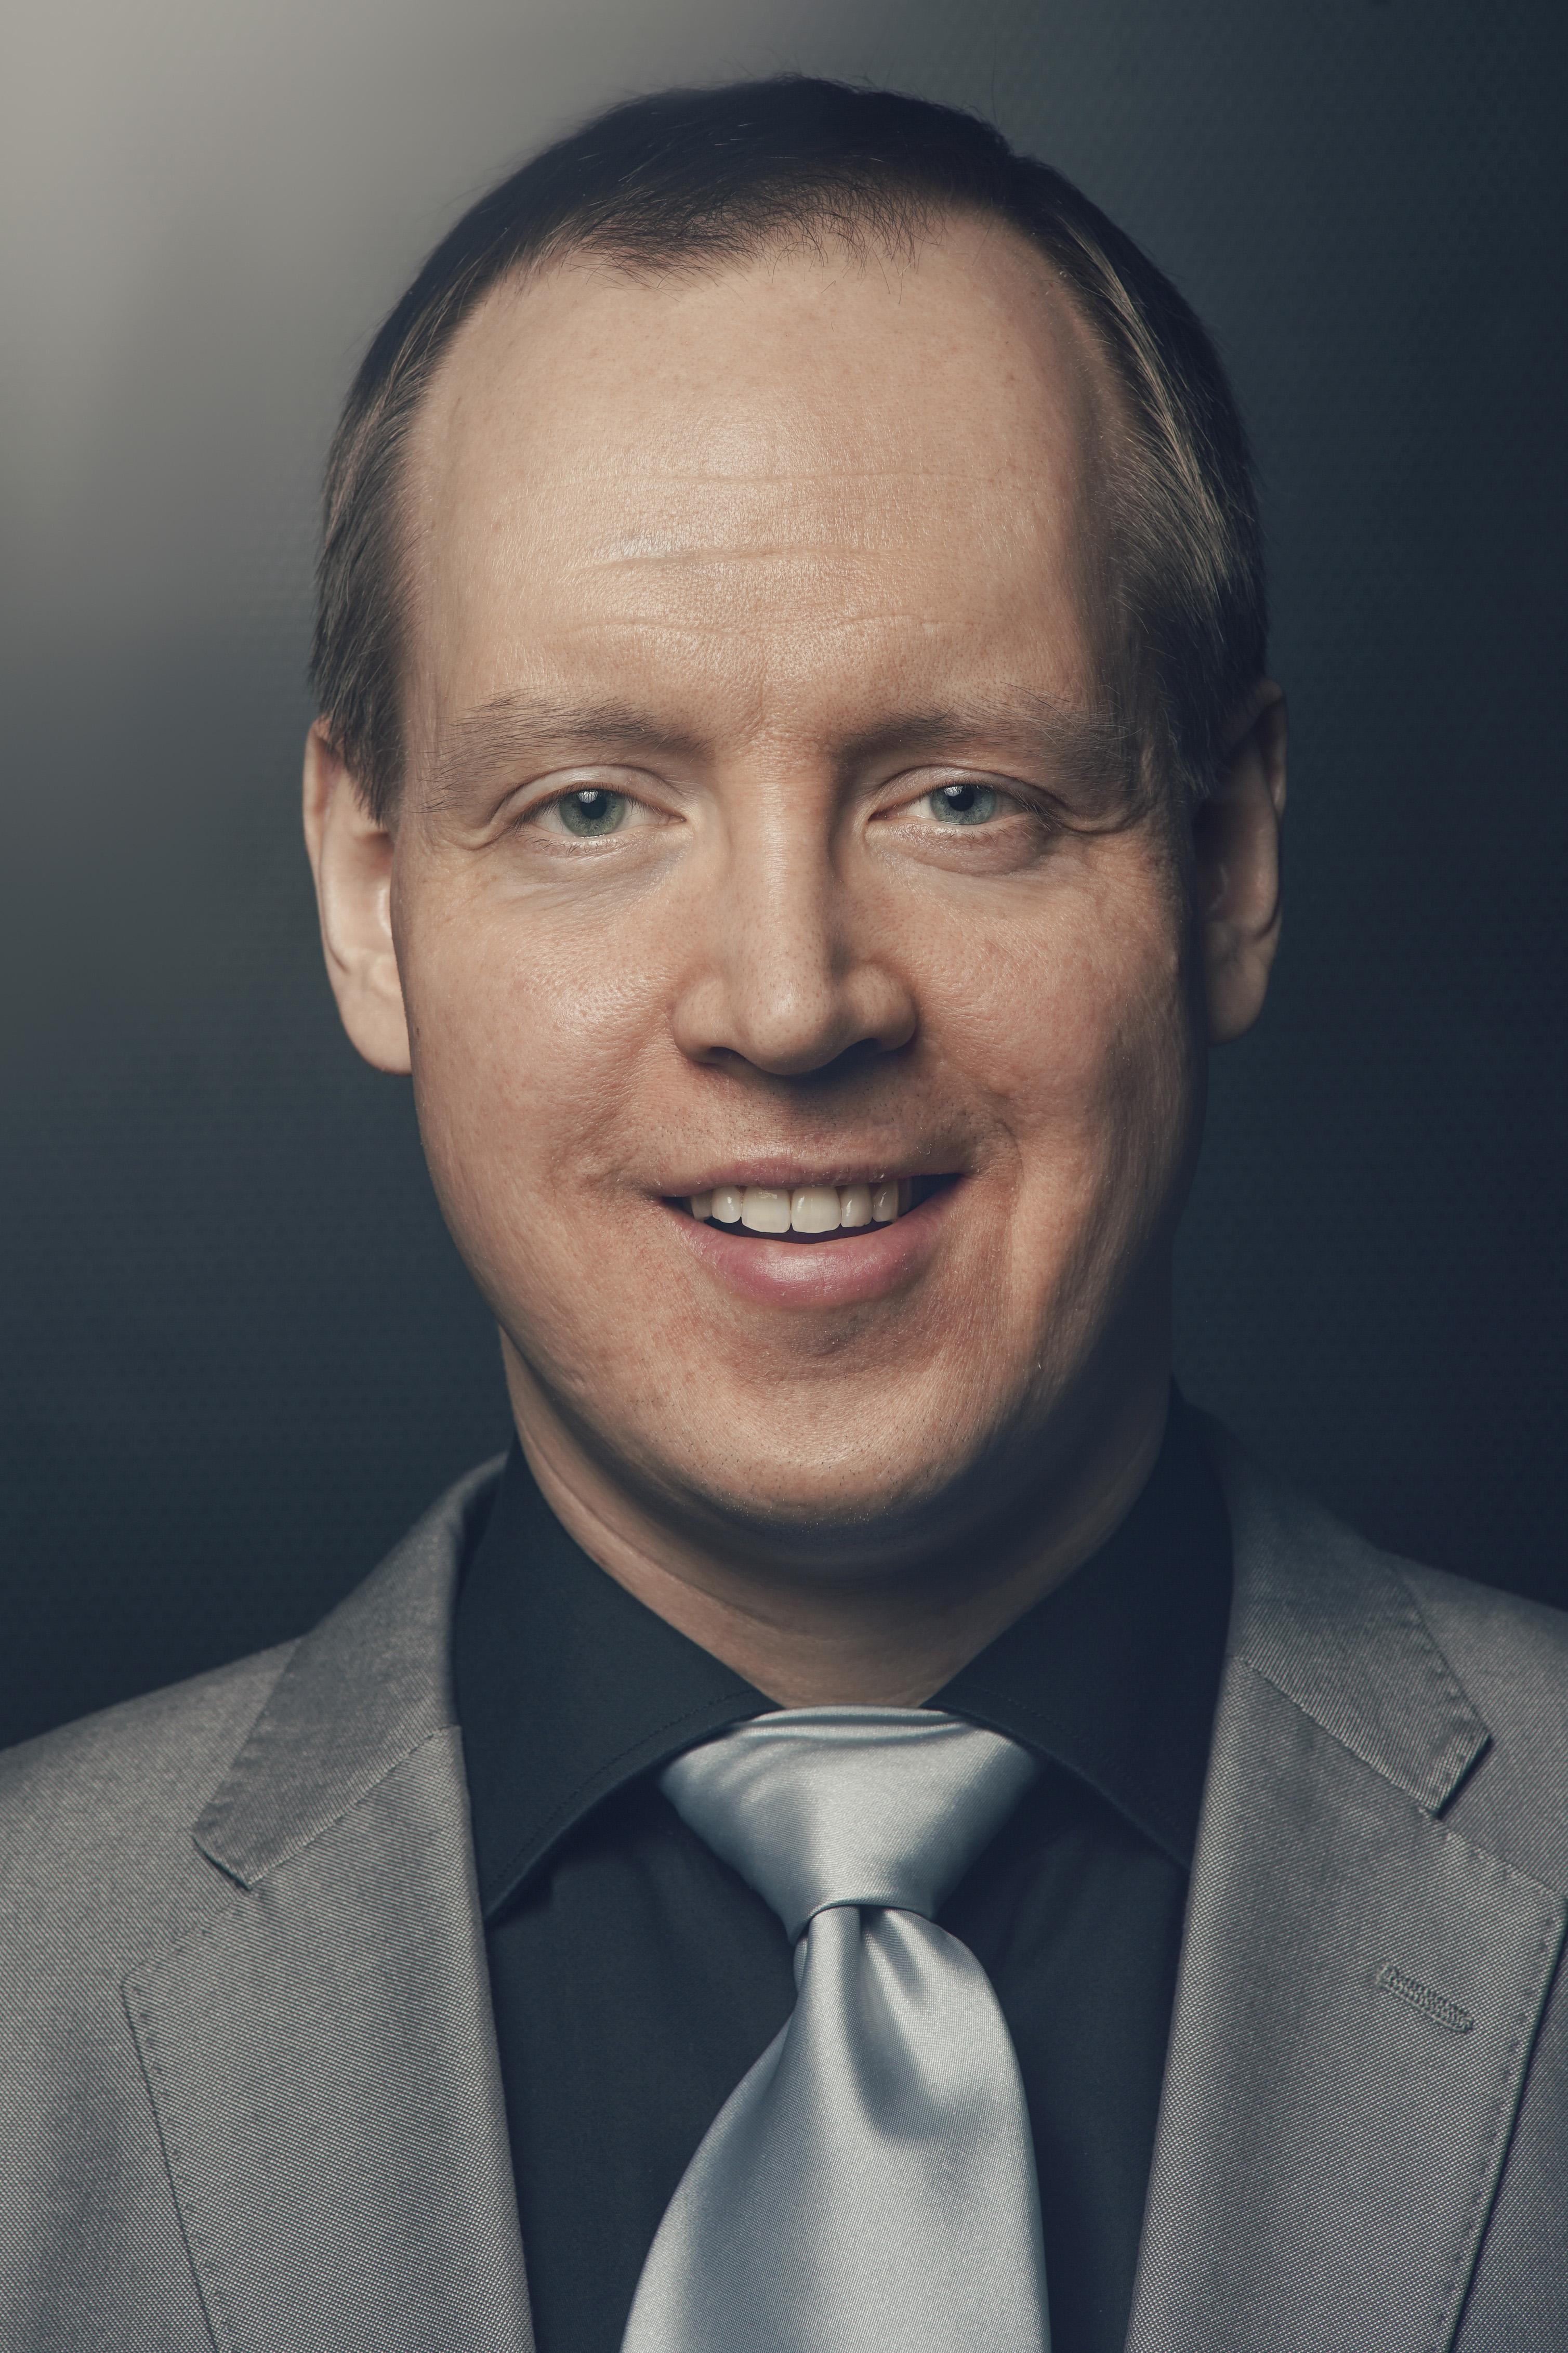 Tenori Heikki Hattunen